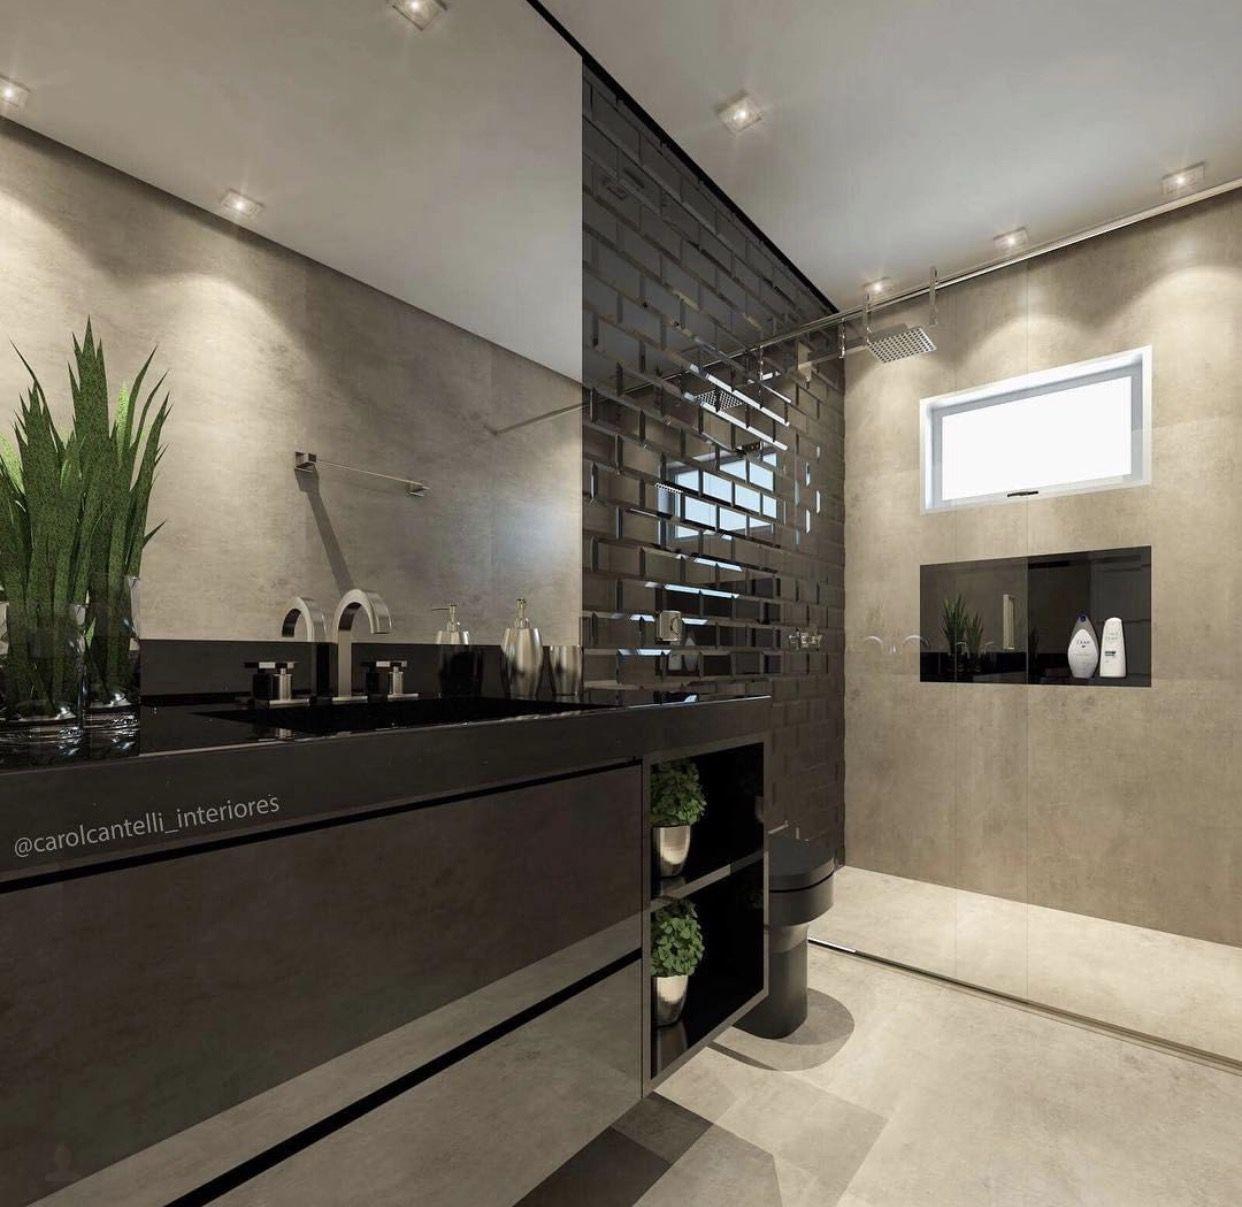 Banheiro Com London Bricks Pretos Por Carol Cantelli · Bathroom  IdeasBathroom ...